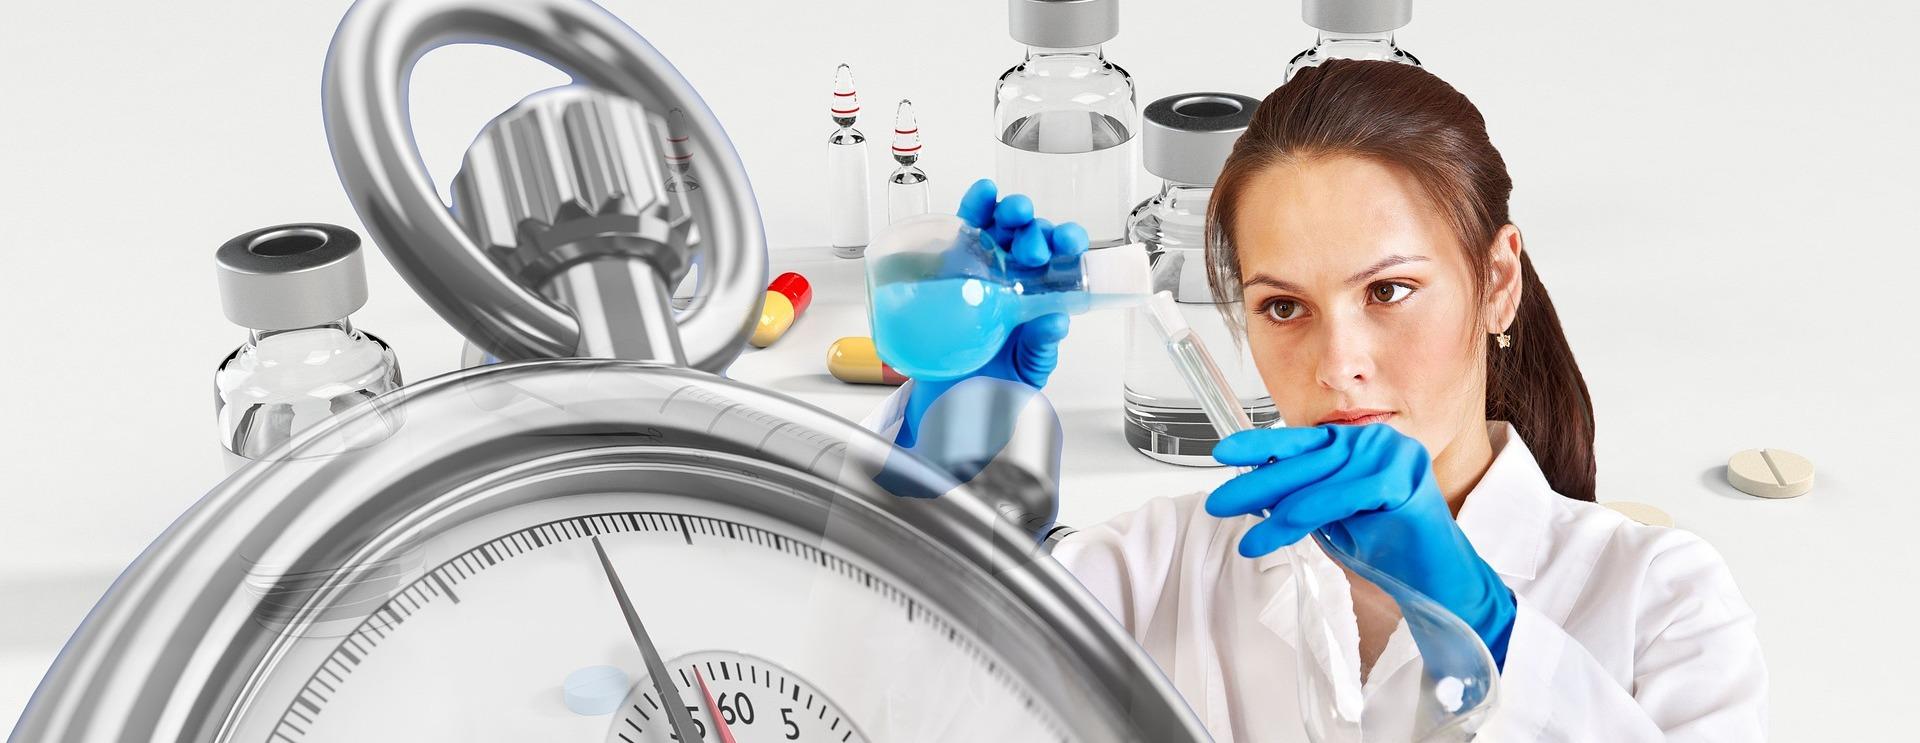 РФ и Боливия подписали контракт на поставку российской вакцины от короновируса